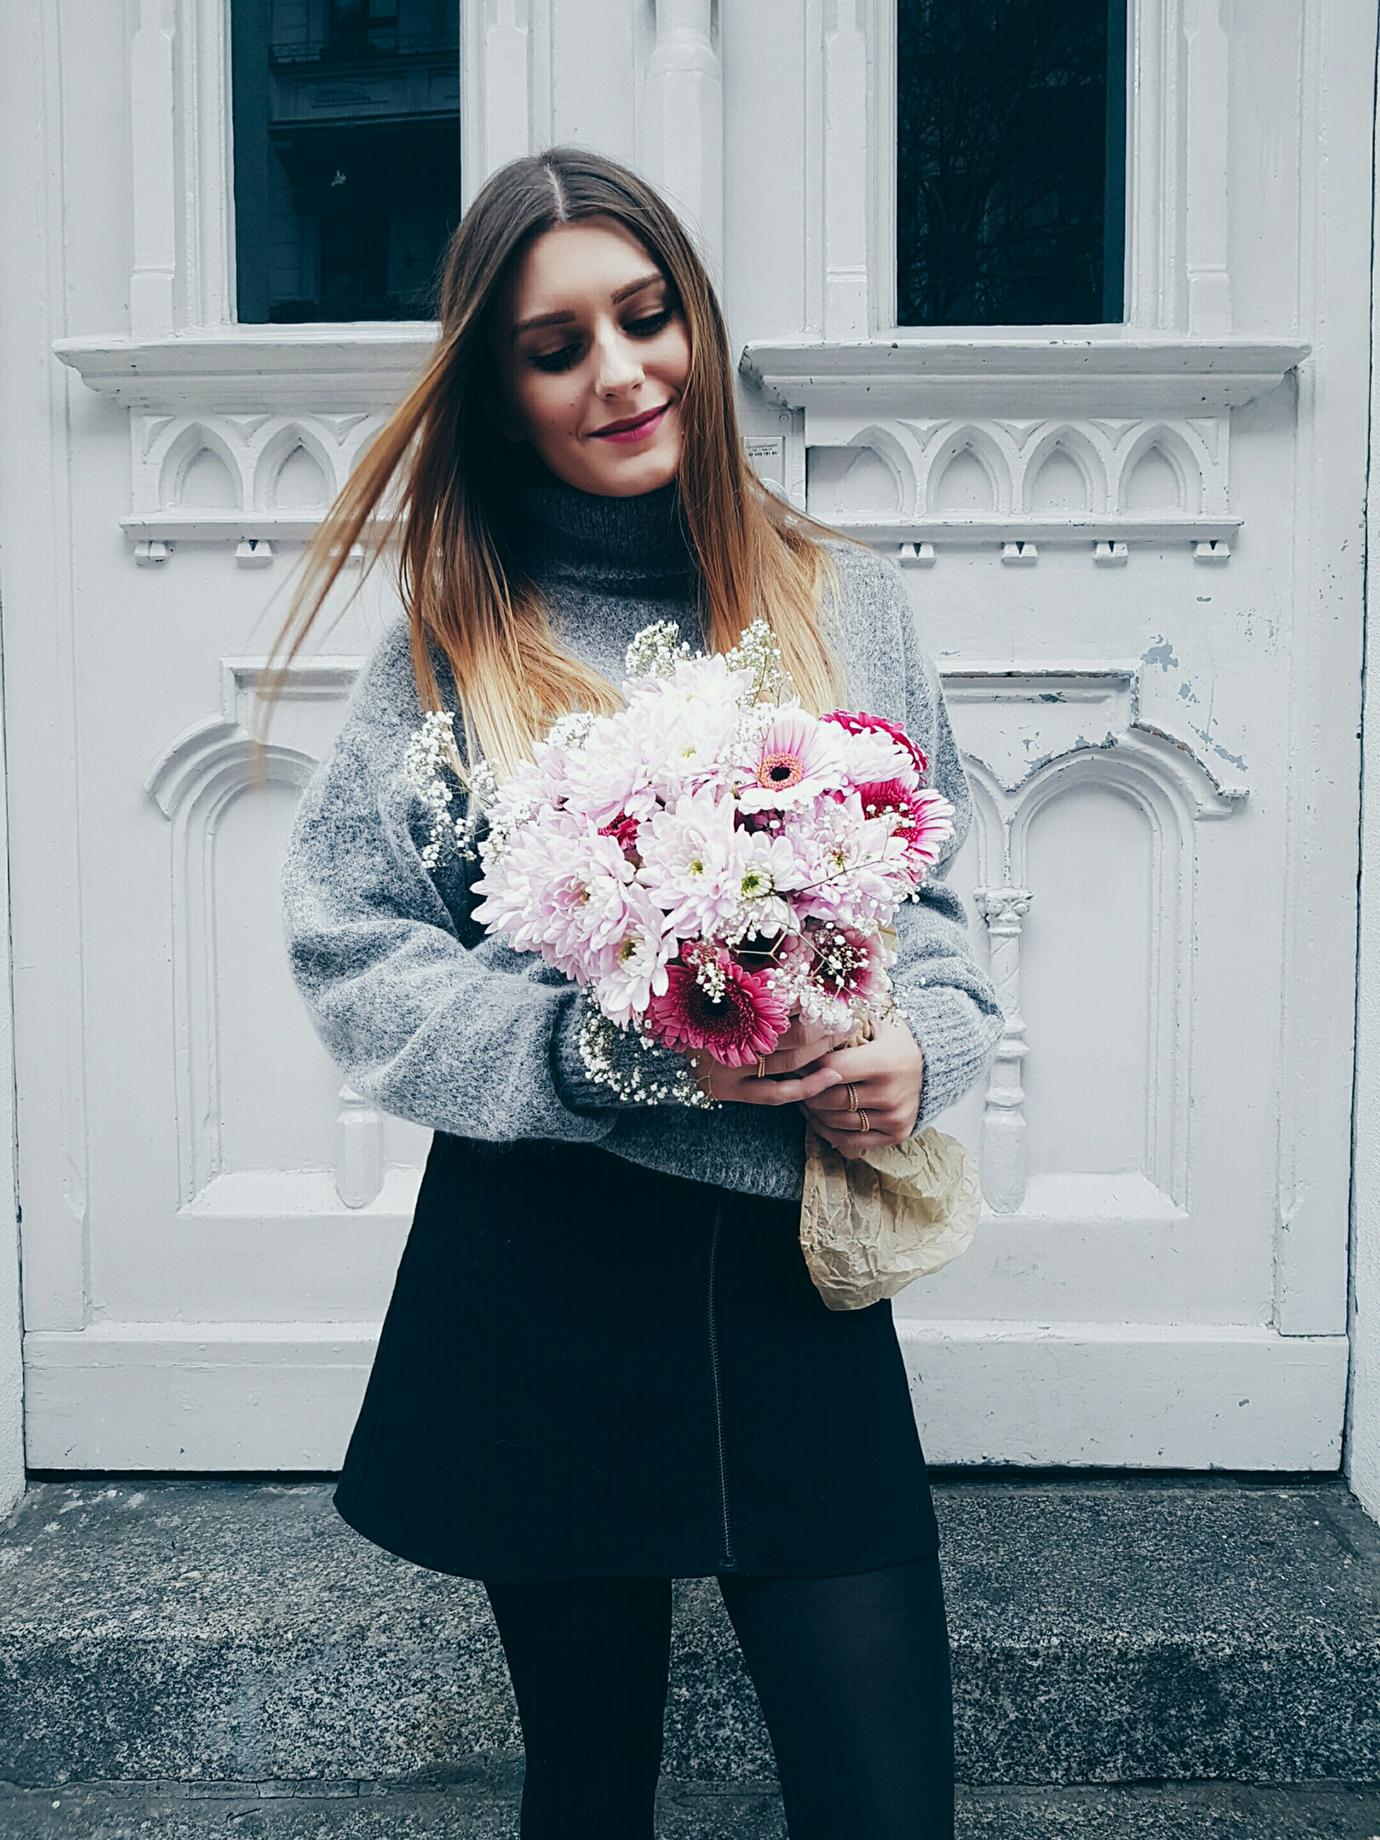 7things_49_flowers